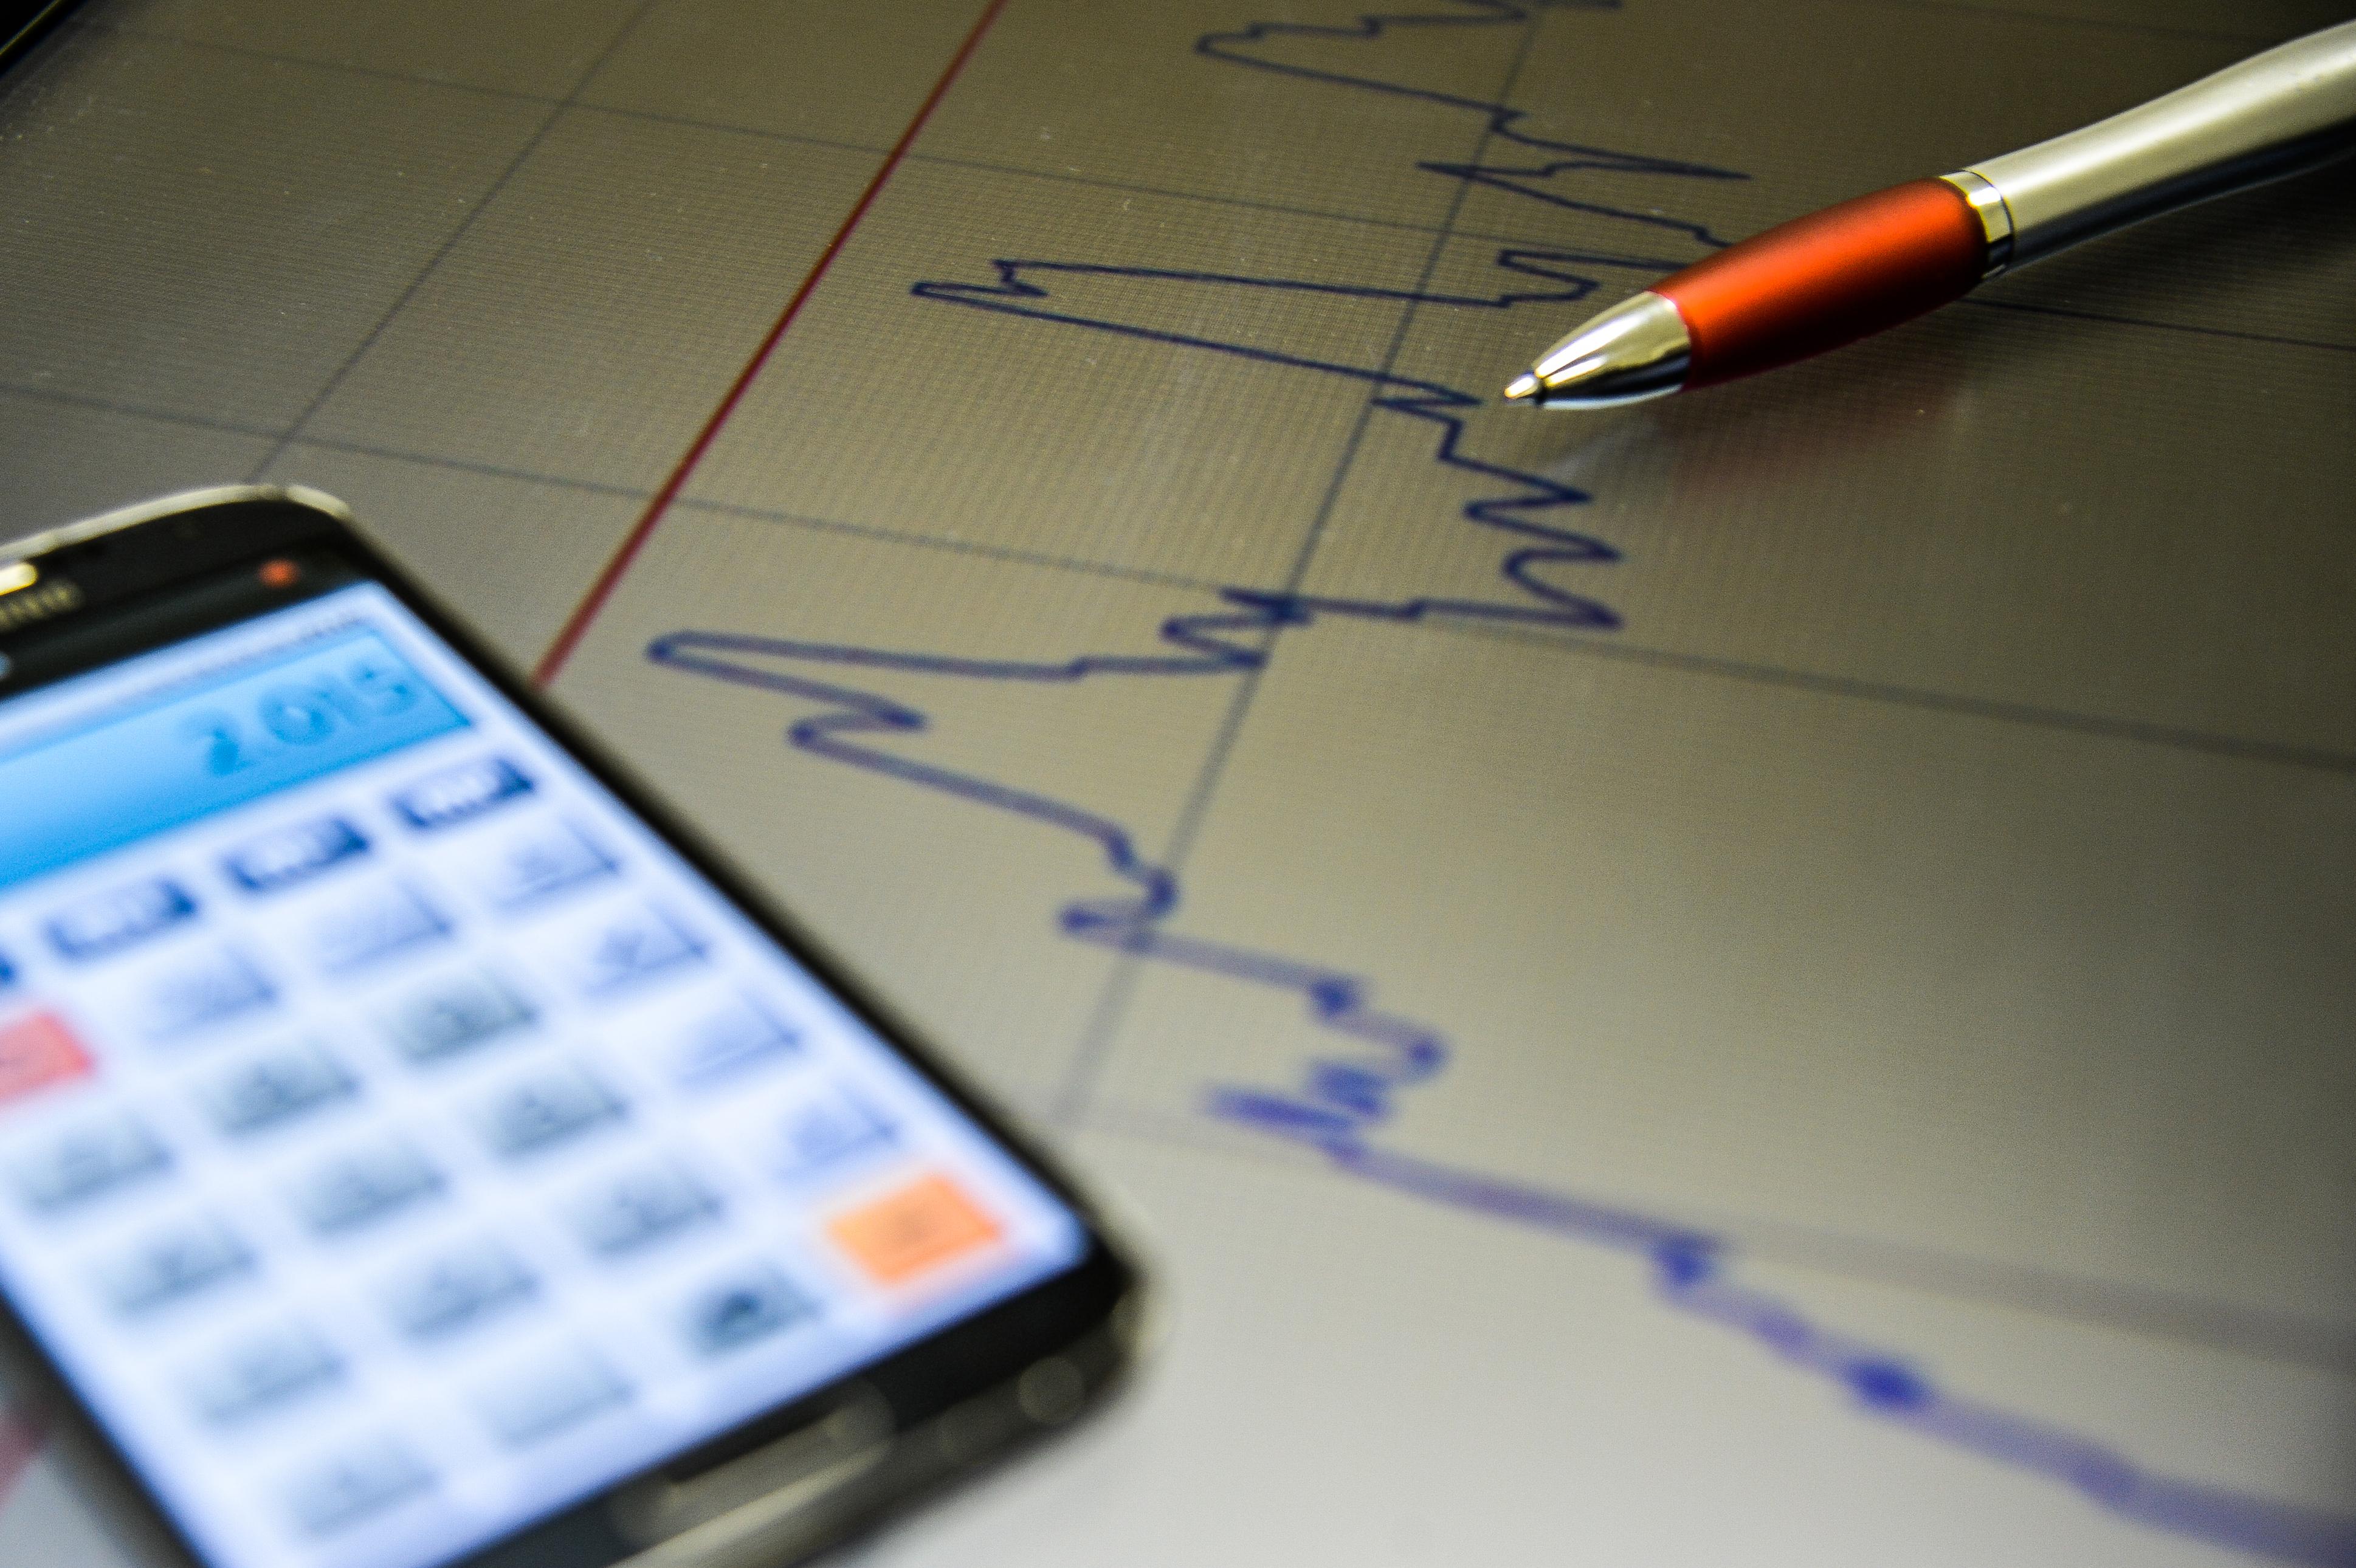 Juro no crédito sobe para 42,2% em fevereiro, diz Banco Central